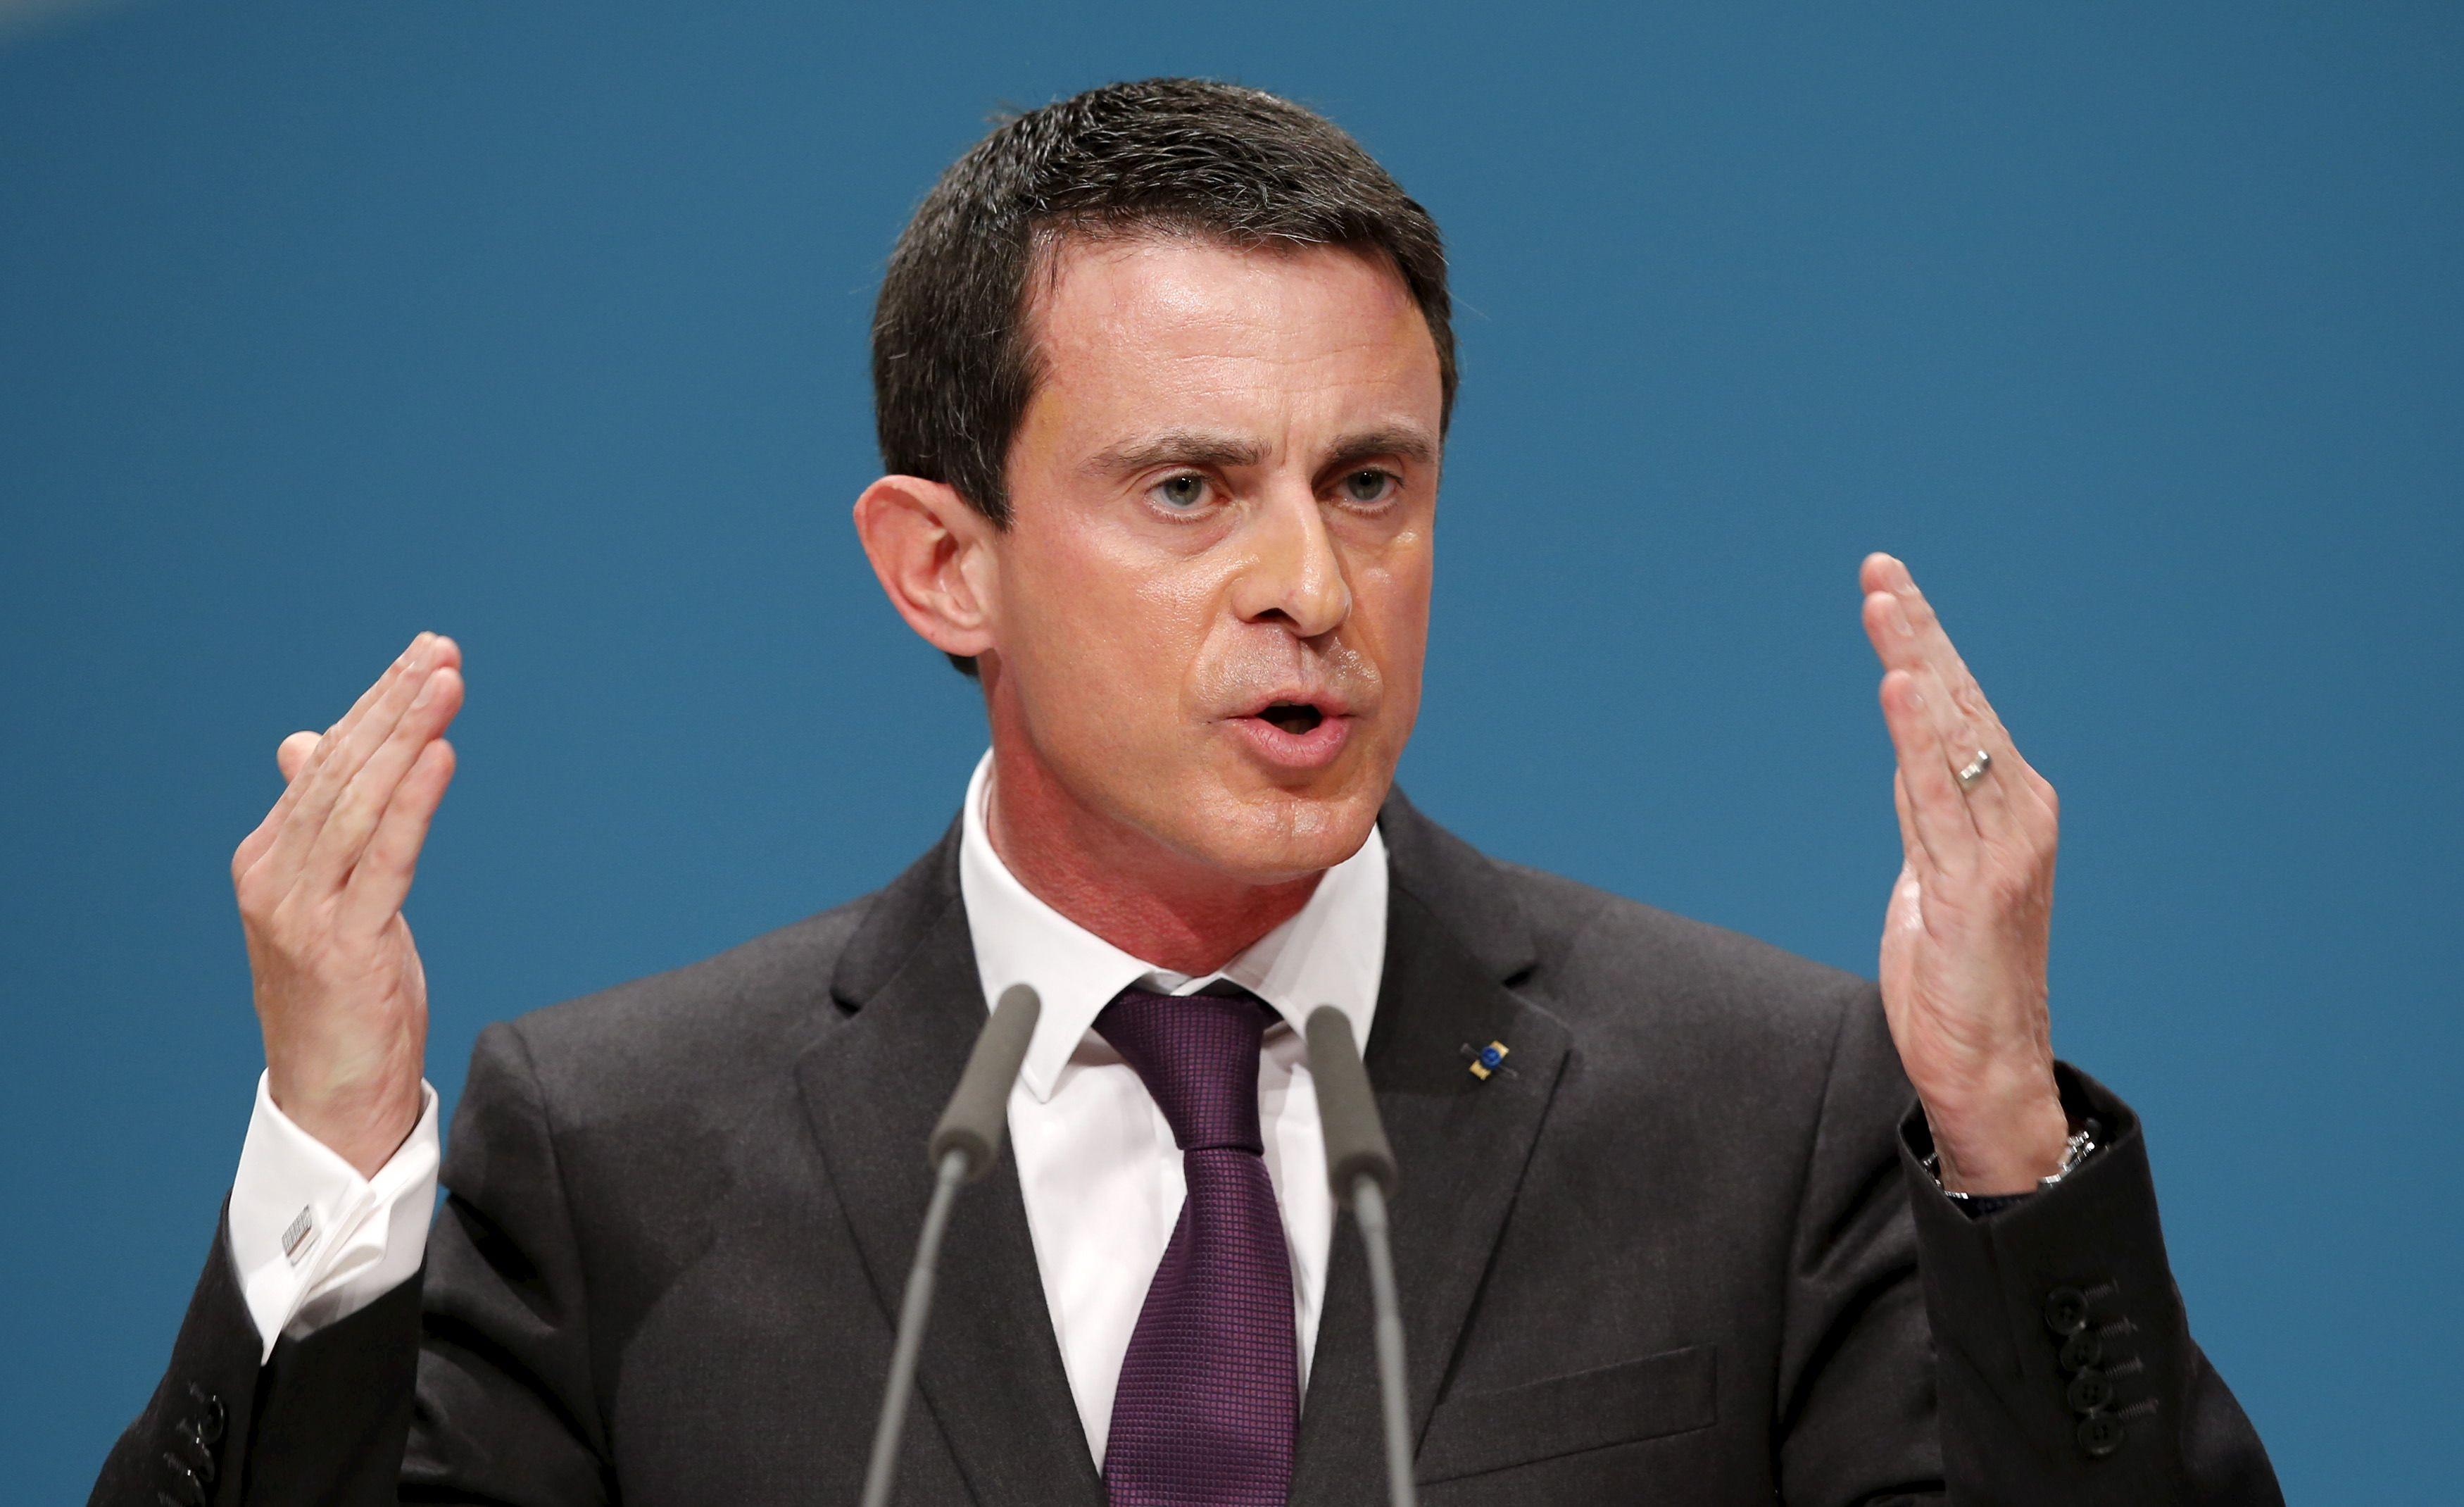 Rencontre entre Manuel Valls et les nationalistes corses : un affrontement plus folklorique que menaçant pour l'Etat central